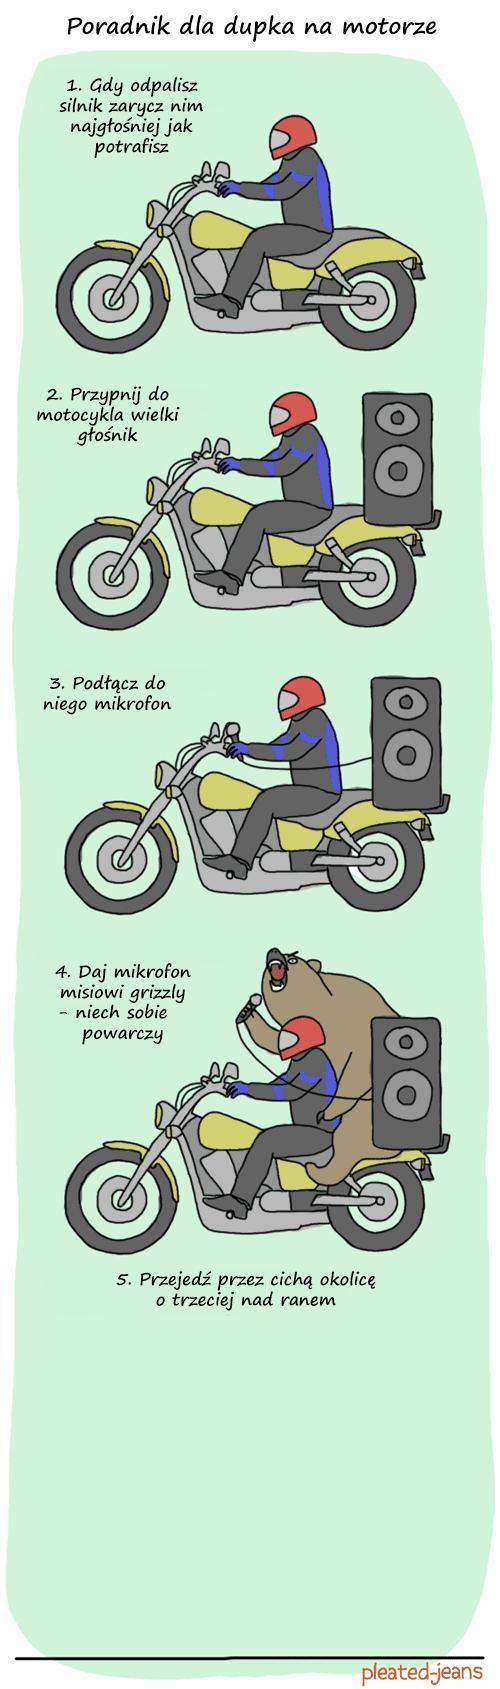 Jak być dupkiem na motorze